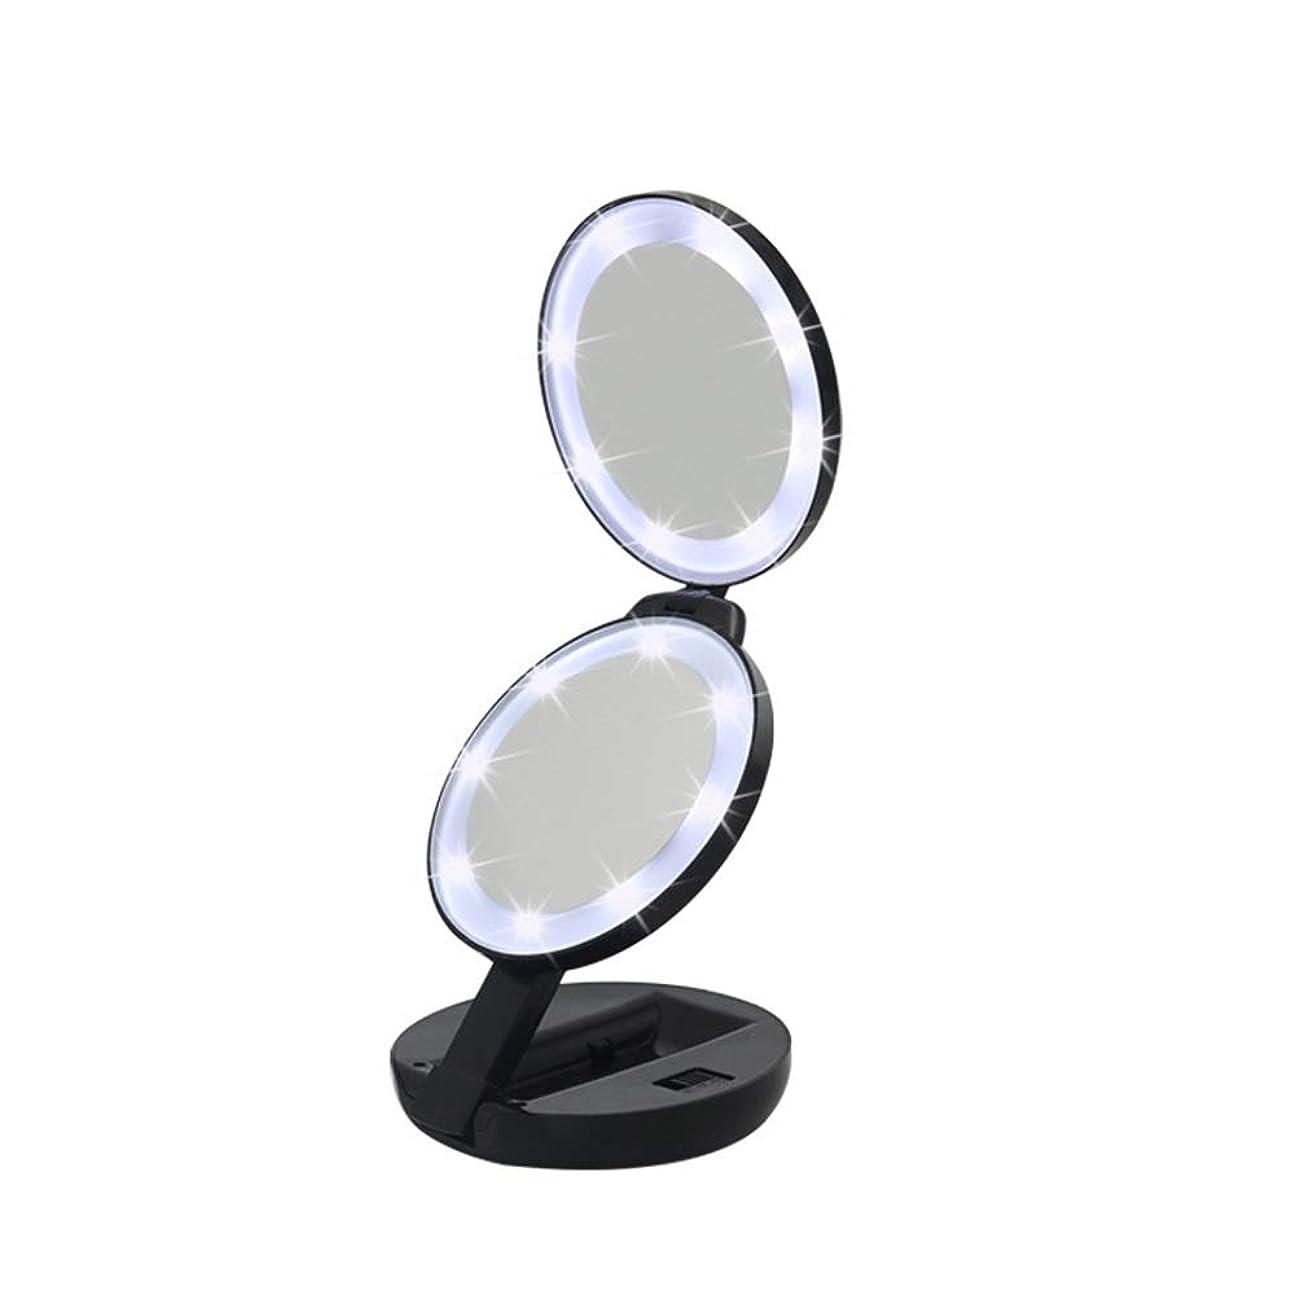 円形ひばりパトロール流行の 新しいラウンド三つ折りLEDフィルライト化粧鏡ABS素材虫眼鏡ハンドヘルド美容ミラーブラック